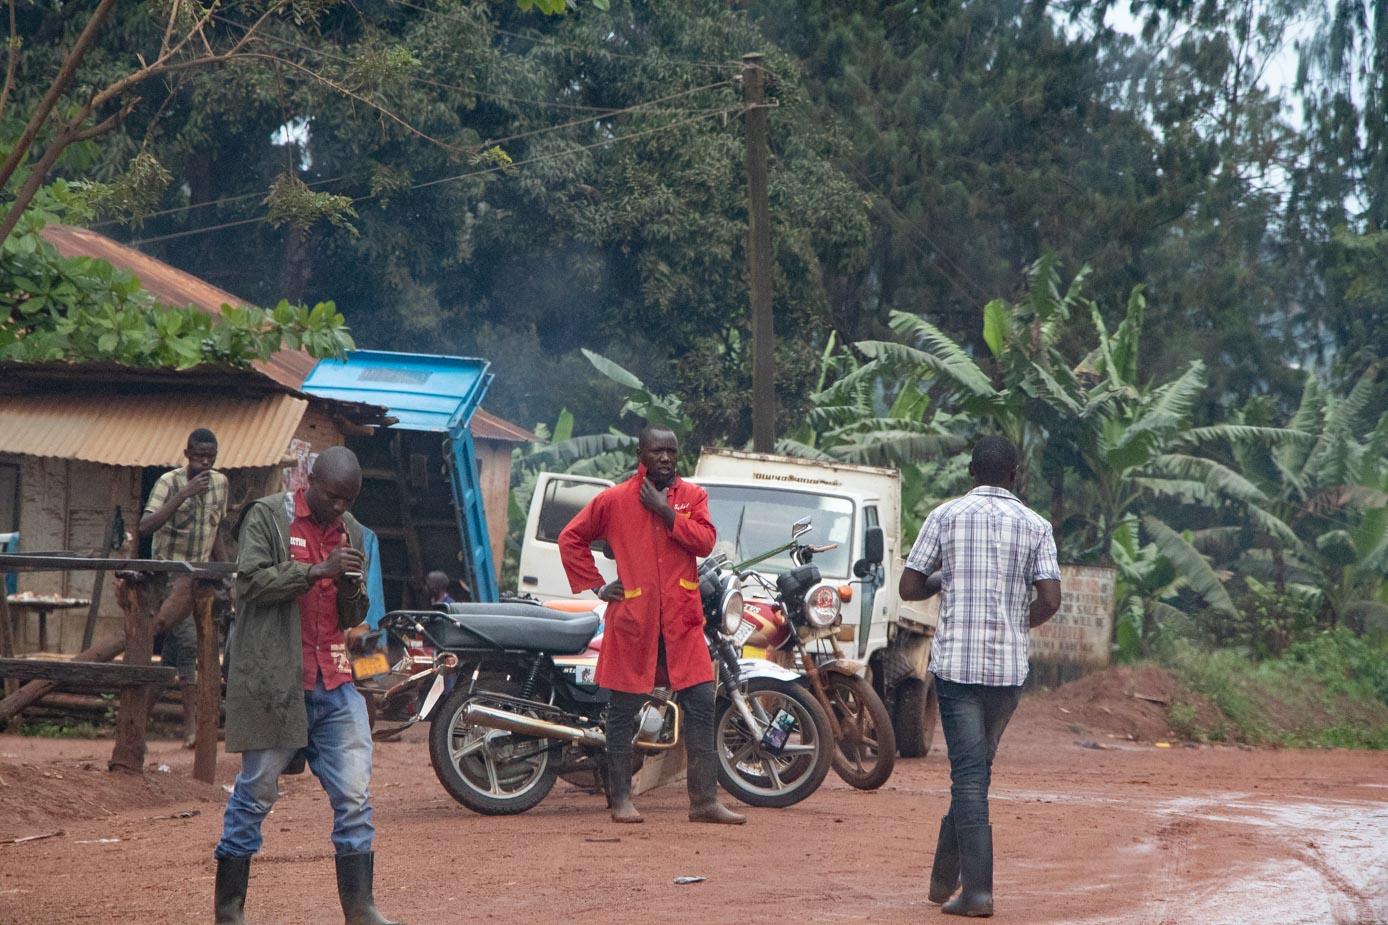 camino-a-entebbe-uganda-6